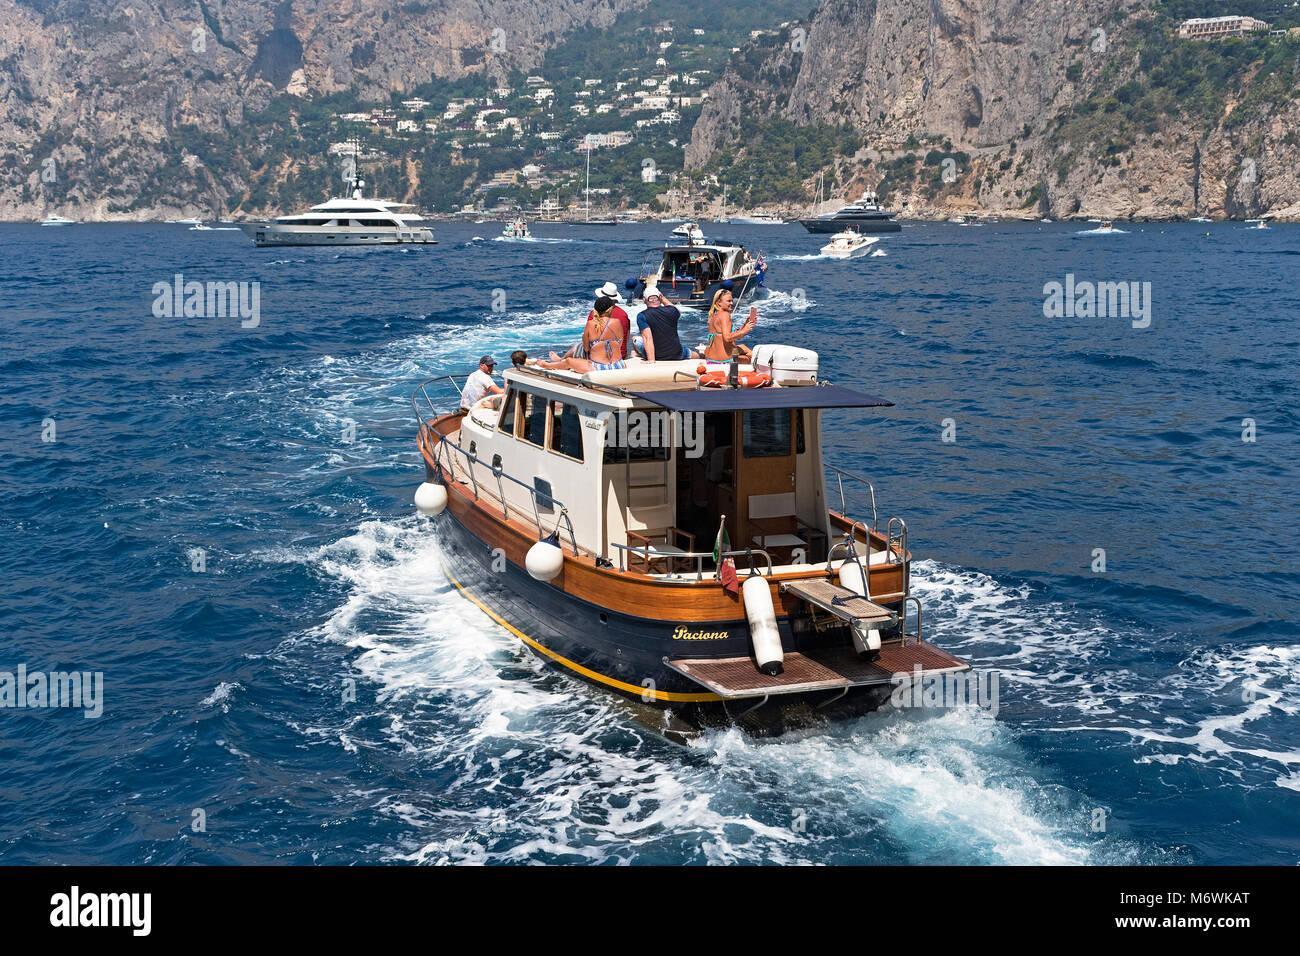 Los turistas en un viaje en barco alrededor de la isla de Capri, la bahía de Nápoles, Italia. Imagen De Stock